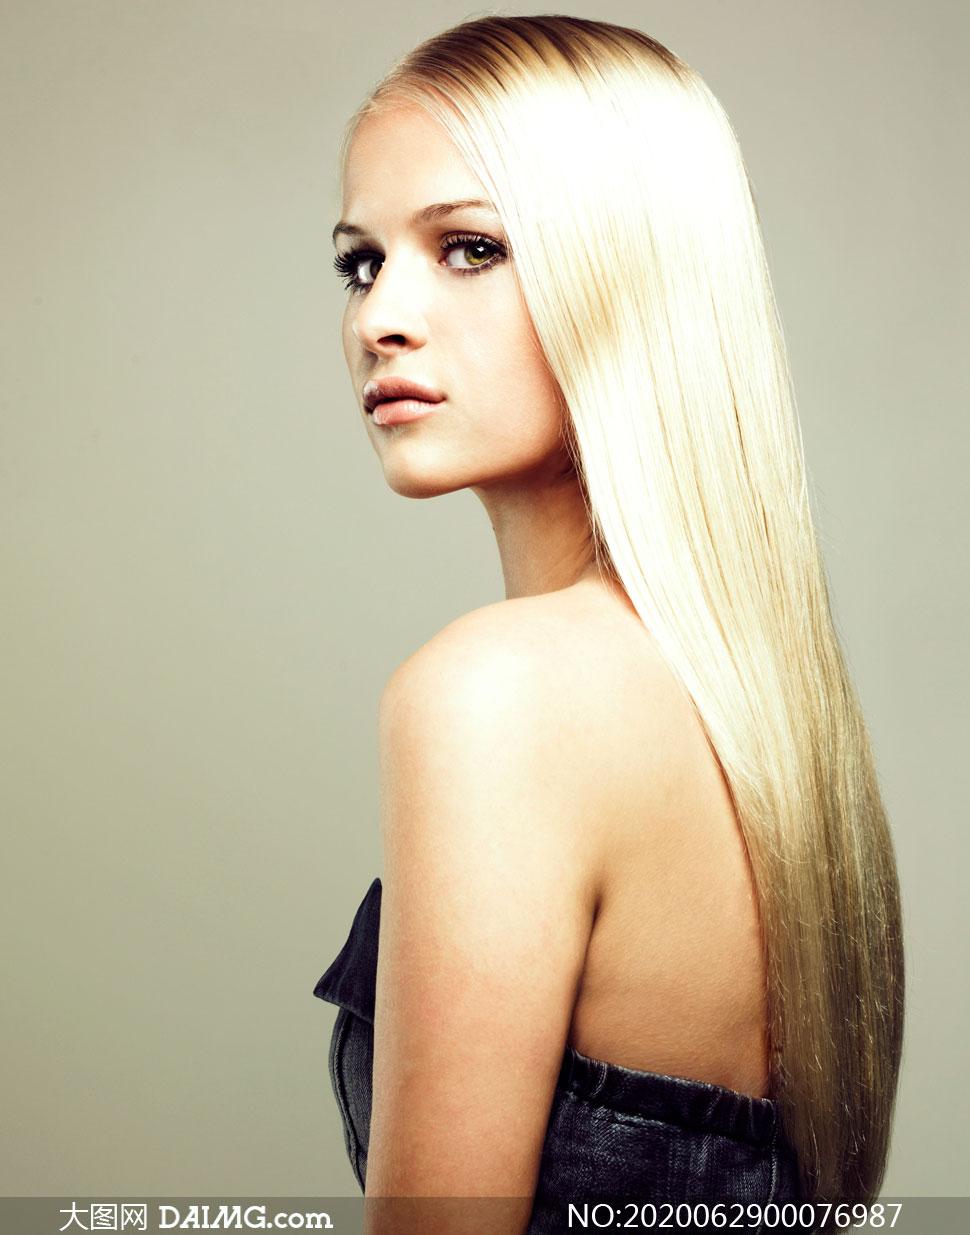 金色的长发披肩美女高清摄影图片